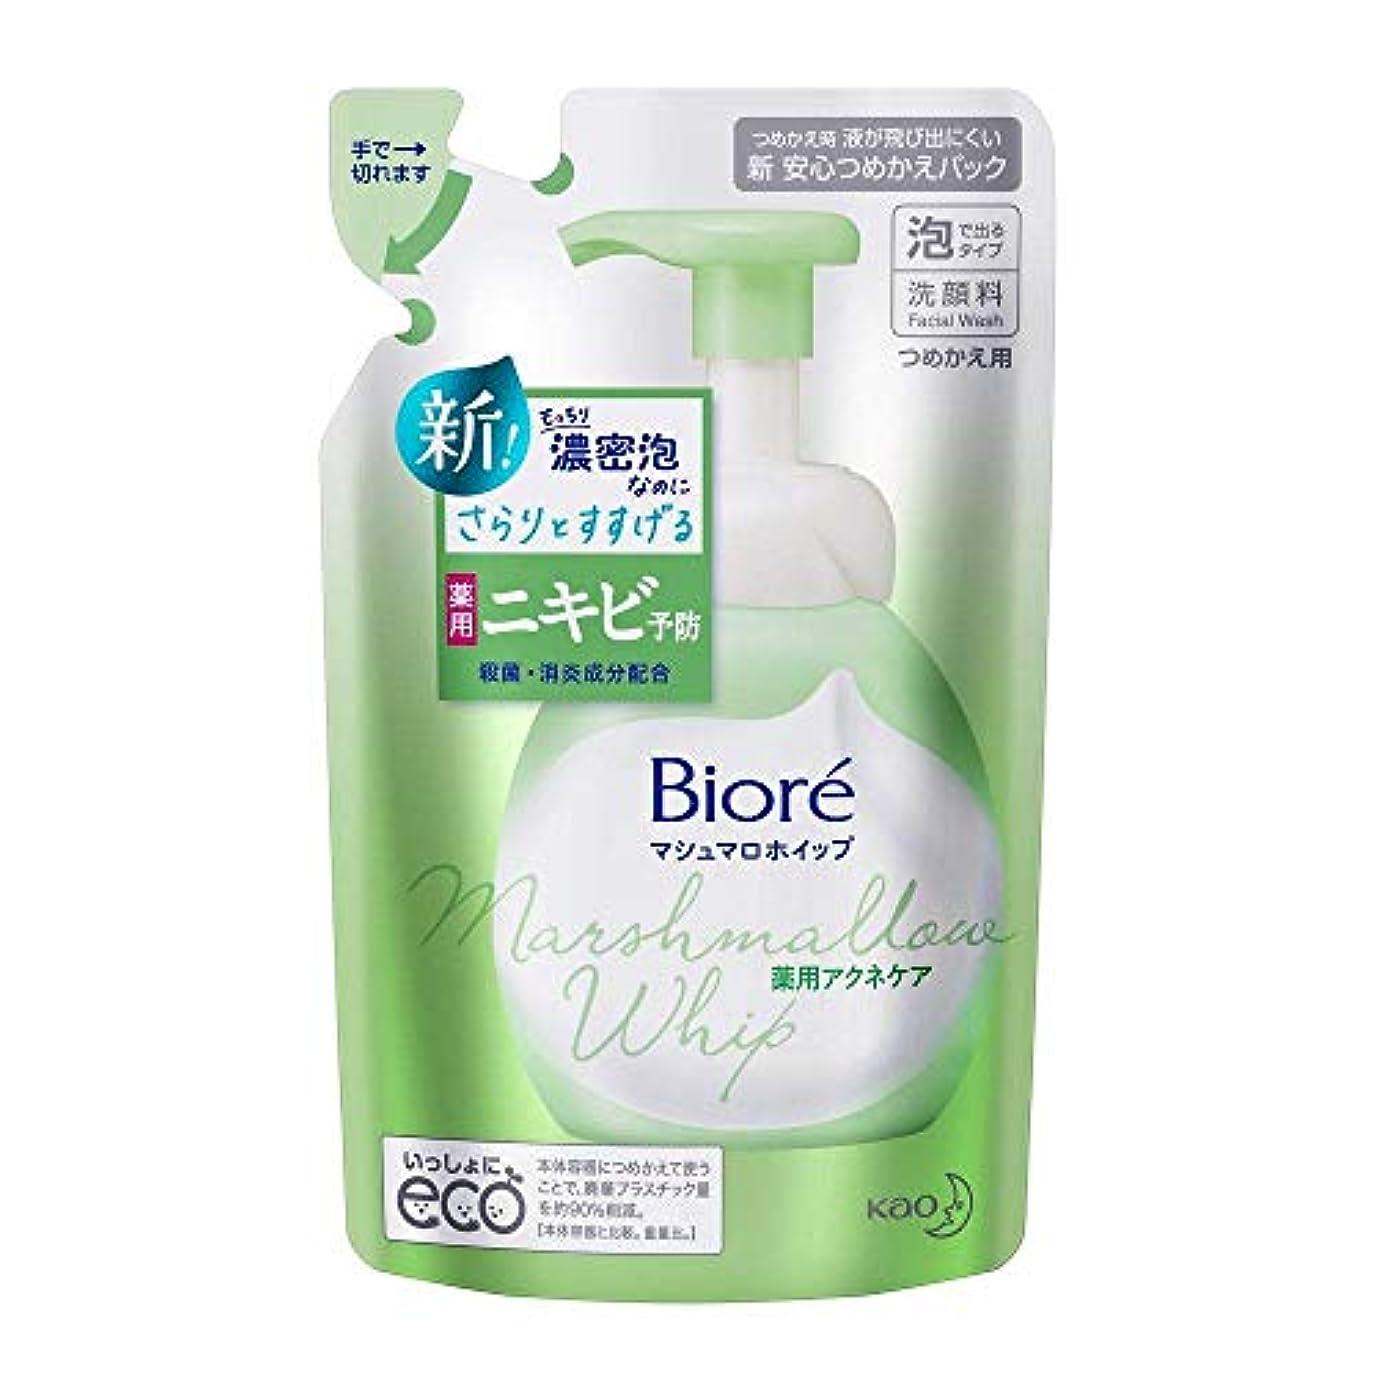 【花王】ビオレ マシュマロホイップ 薬用アクネケア 詰替用 130mL ×5個セット